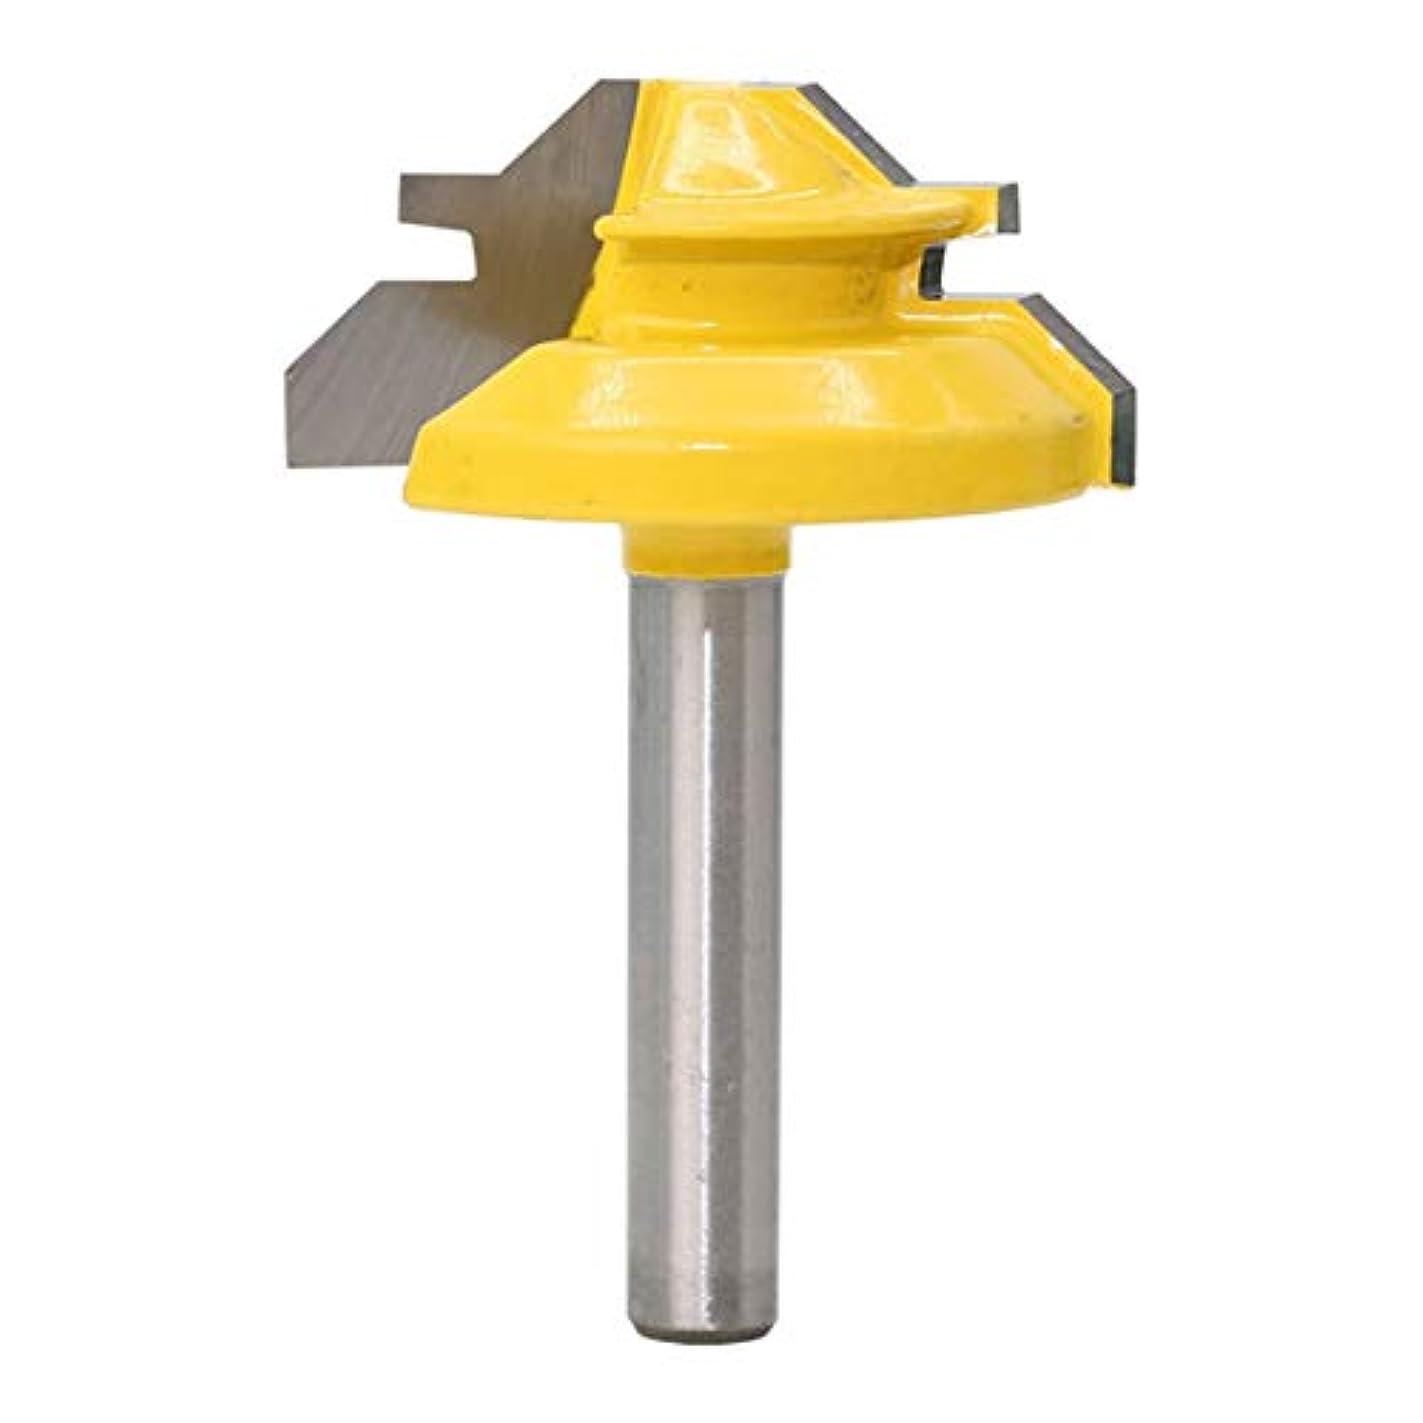 Saikogoods 1/4インチ 45度テノンナイフ1/4×1-3 / 8 框指 関節接着ルータービット コーンテノン木工 キャビネットドアカッター 黄